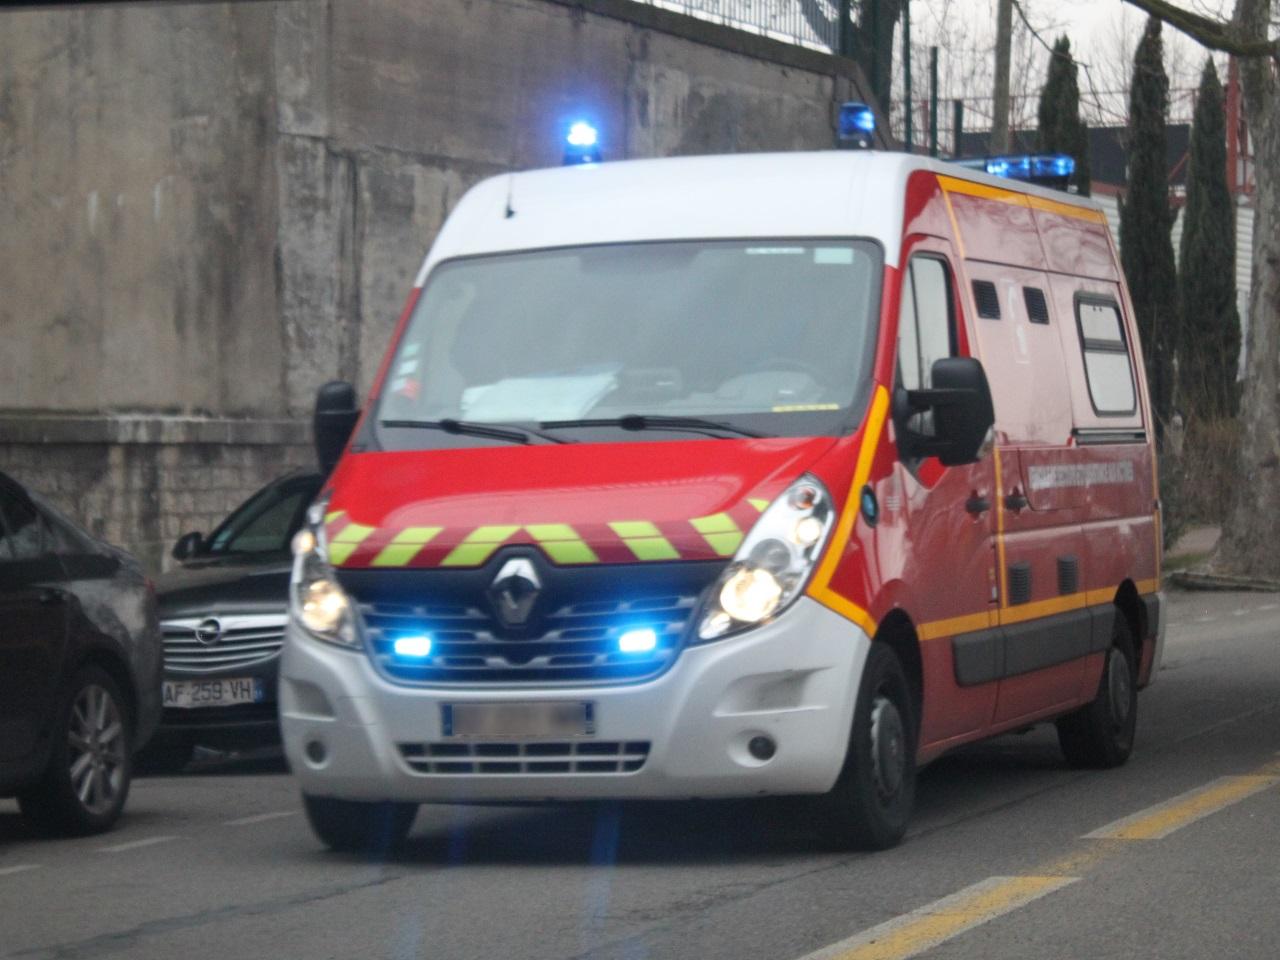 Un agent des TCL meurt électrocuté lors d'une intervention — Caluire